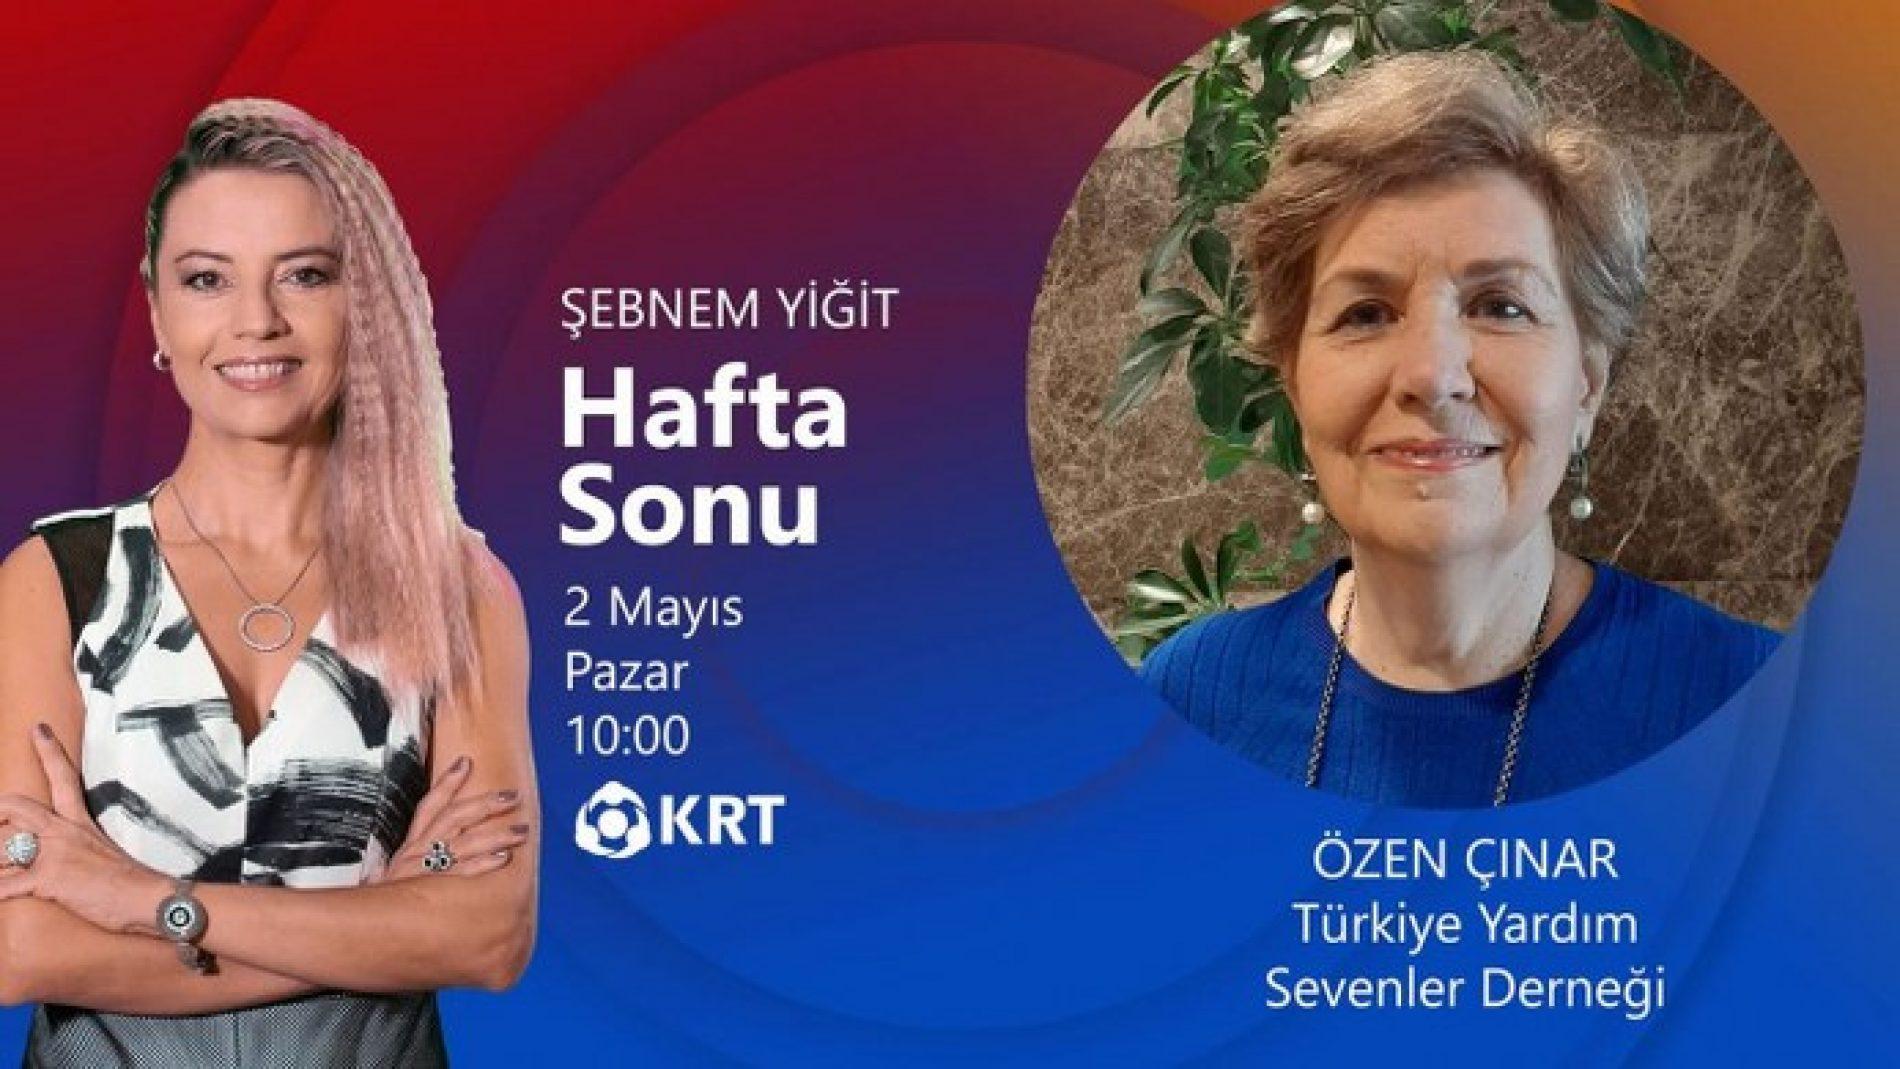 TYSD İstanbul Şubemiz KRT Televizyon Ekranlarında